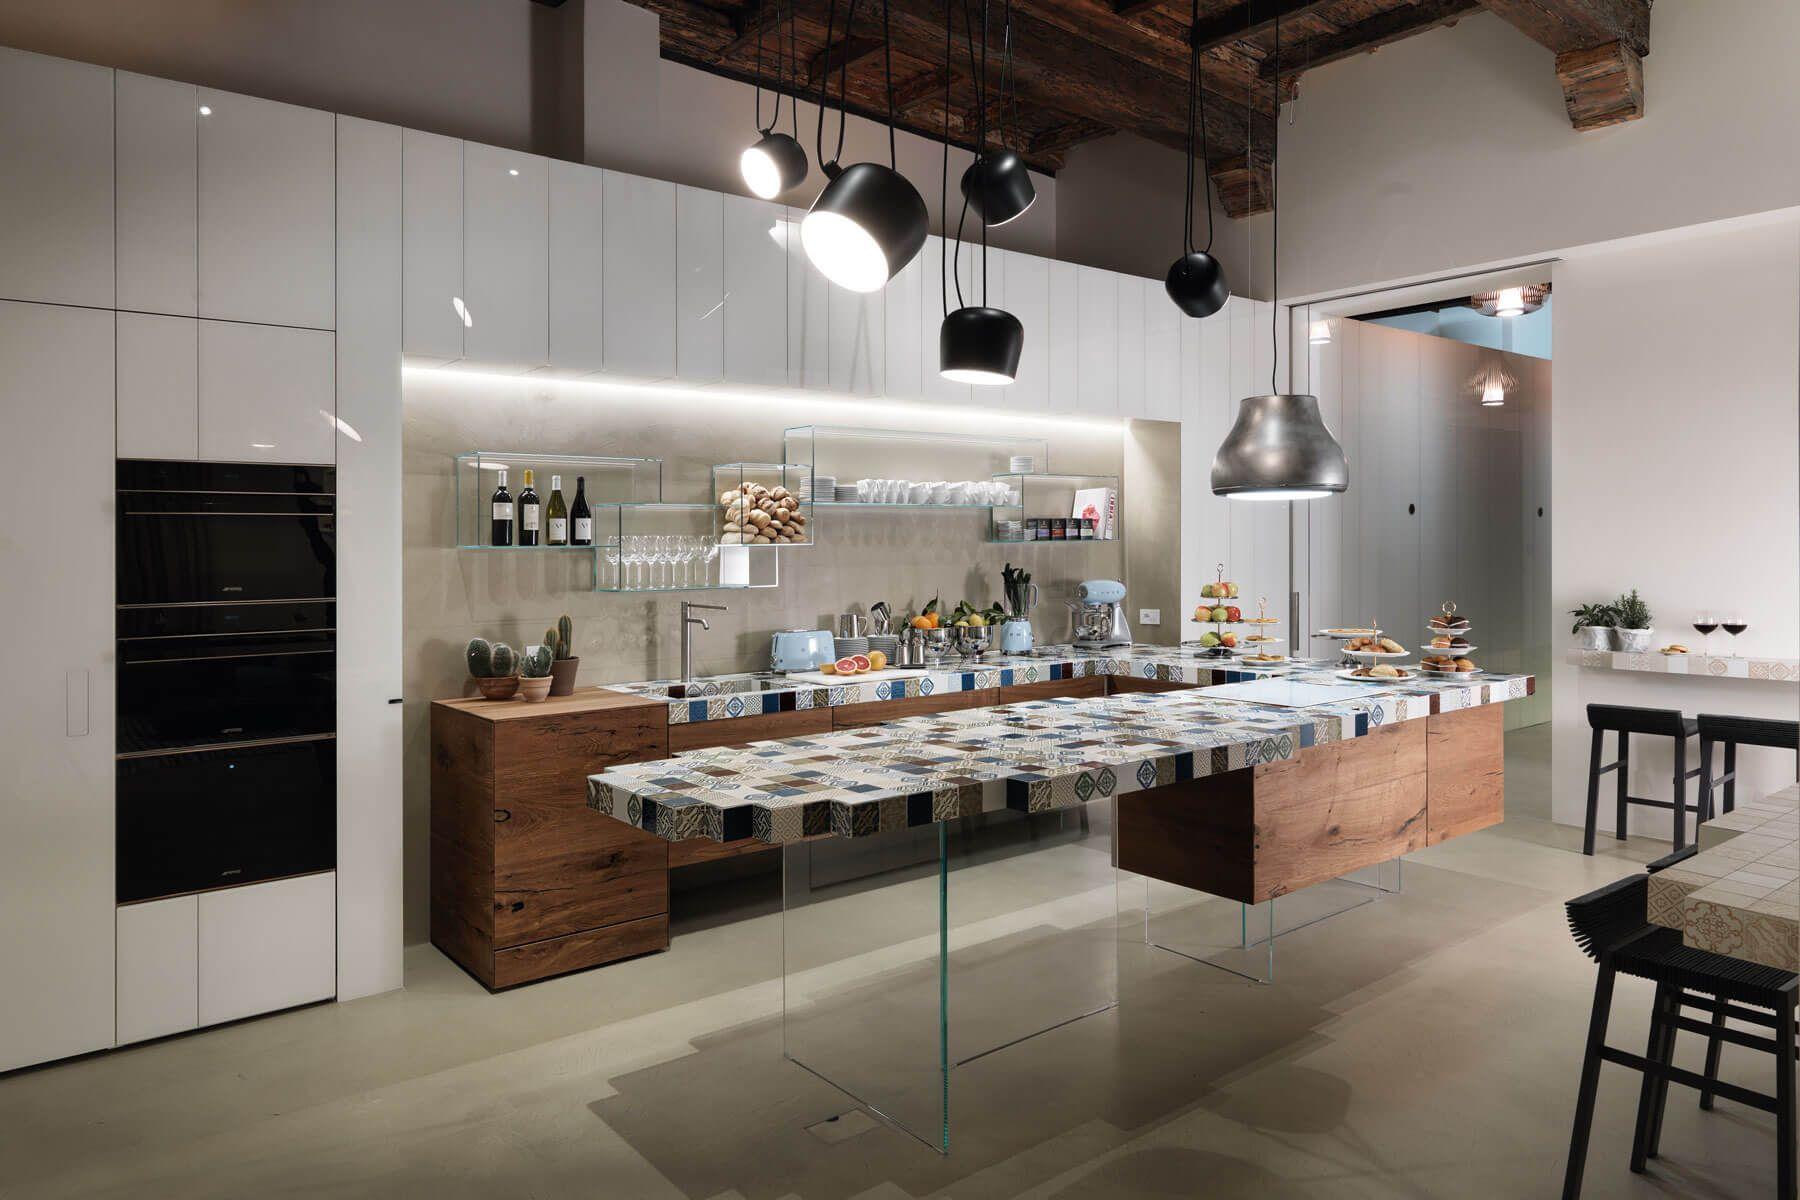 Cucine Moderne Componibili Di Design Con Immagini Interni